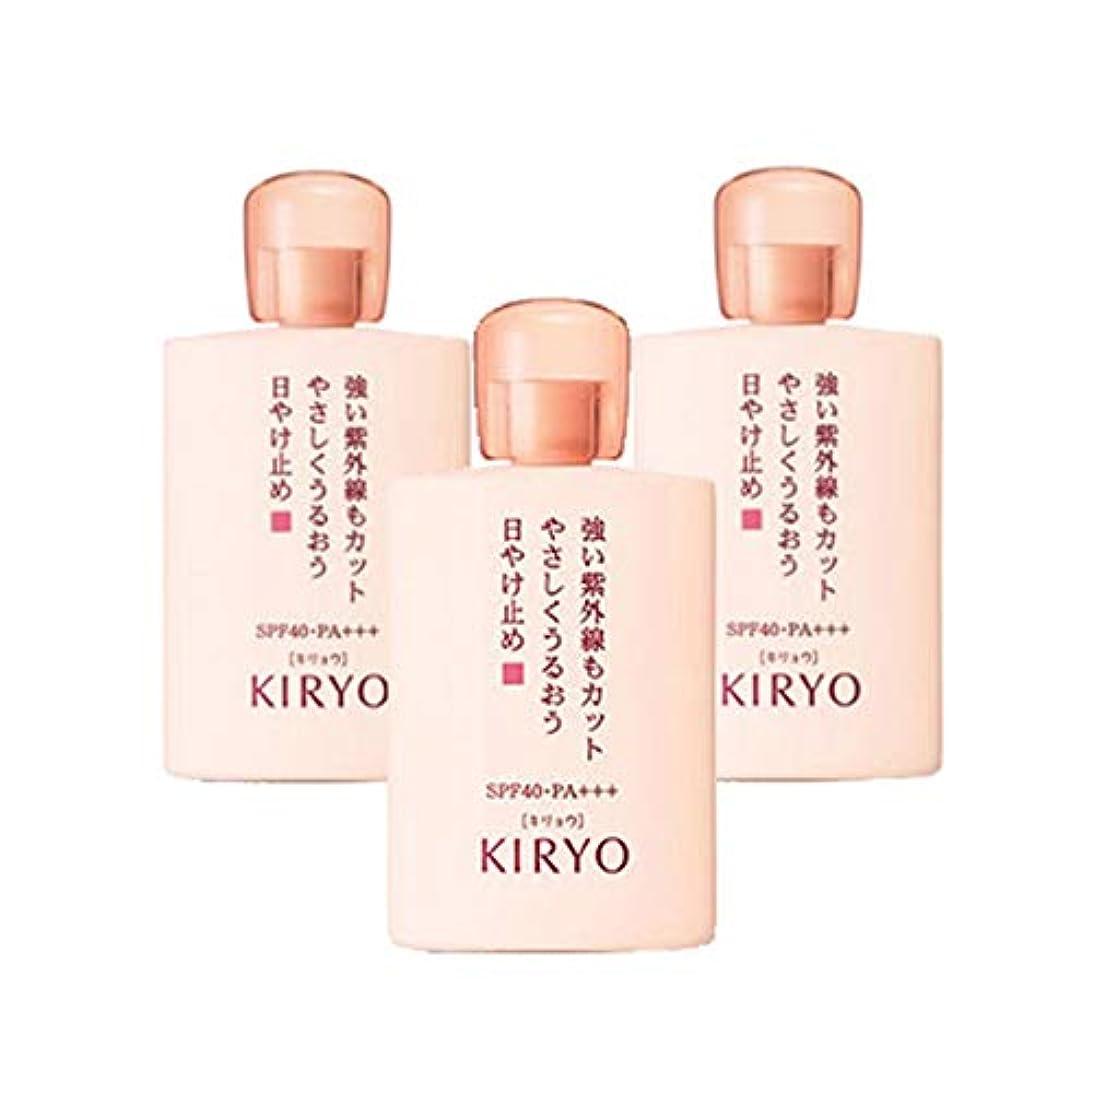 説明習熟度宿る【資生堂】KIRYO キリョウ サンブロック UV SPF40 PA+++ 50mL× 3個セット【International shipping available】